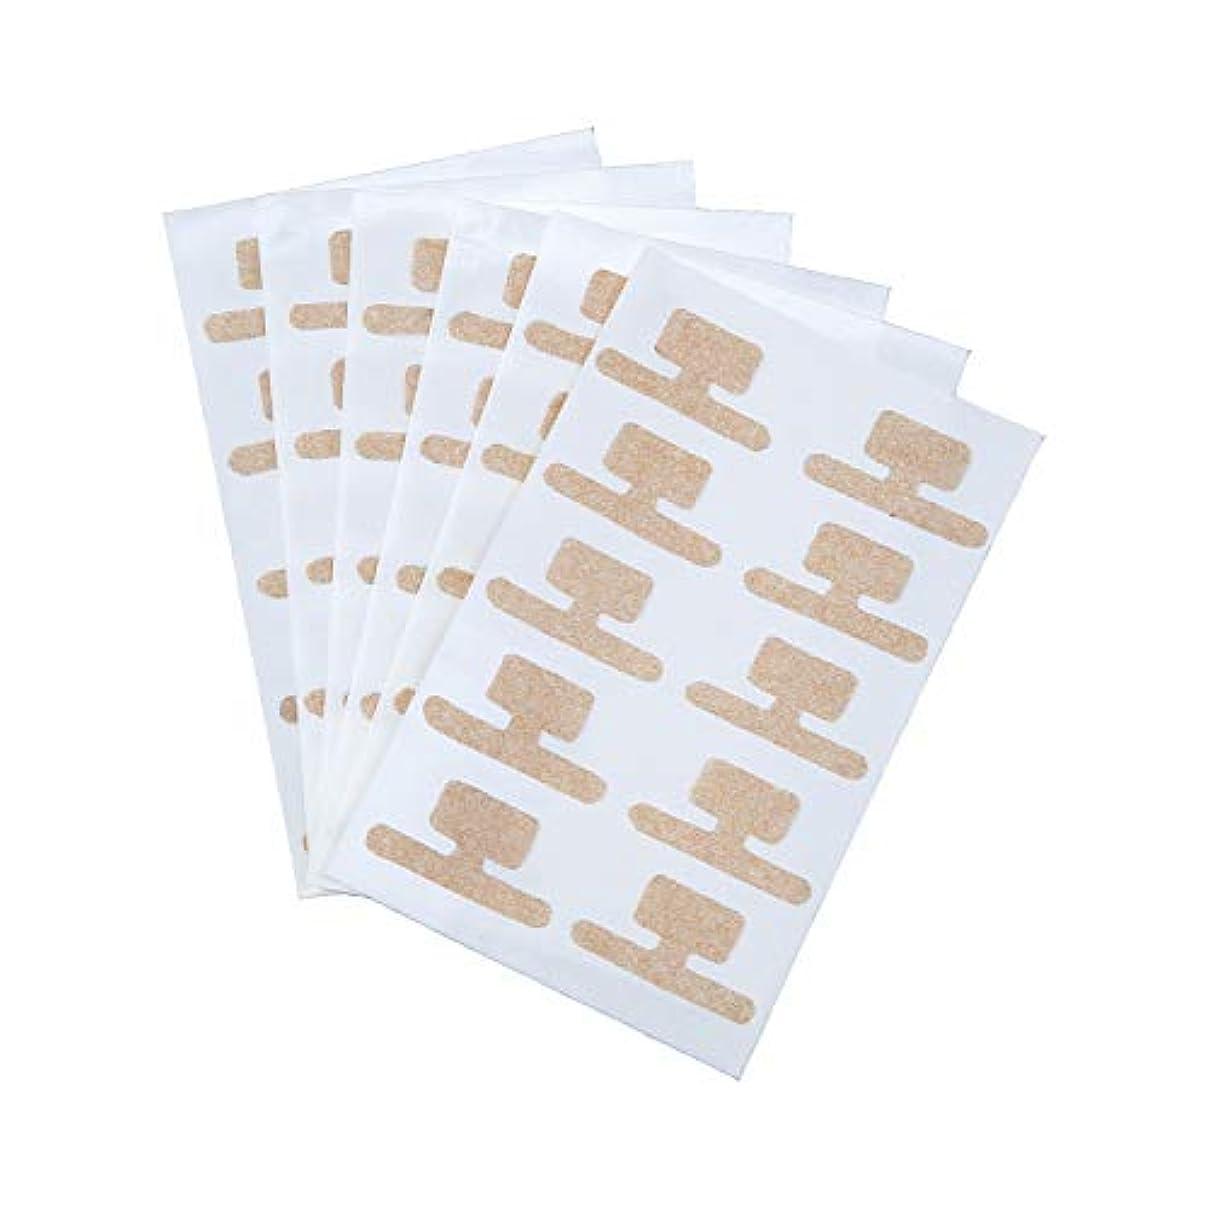 着飾るじゃがいも活気づける巻き爪ダブルケアテープ 60枚入 持ち上げ シール 食い込み 痛み サポート 貼るだけ 足 フットケア